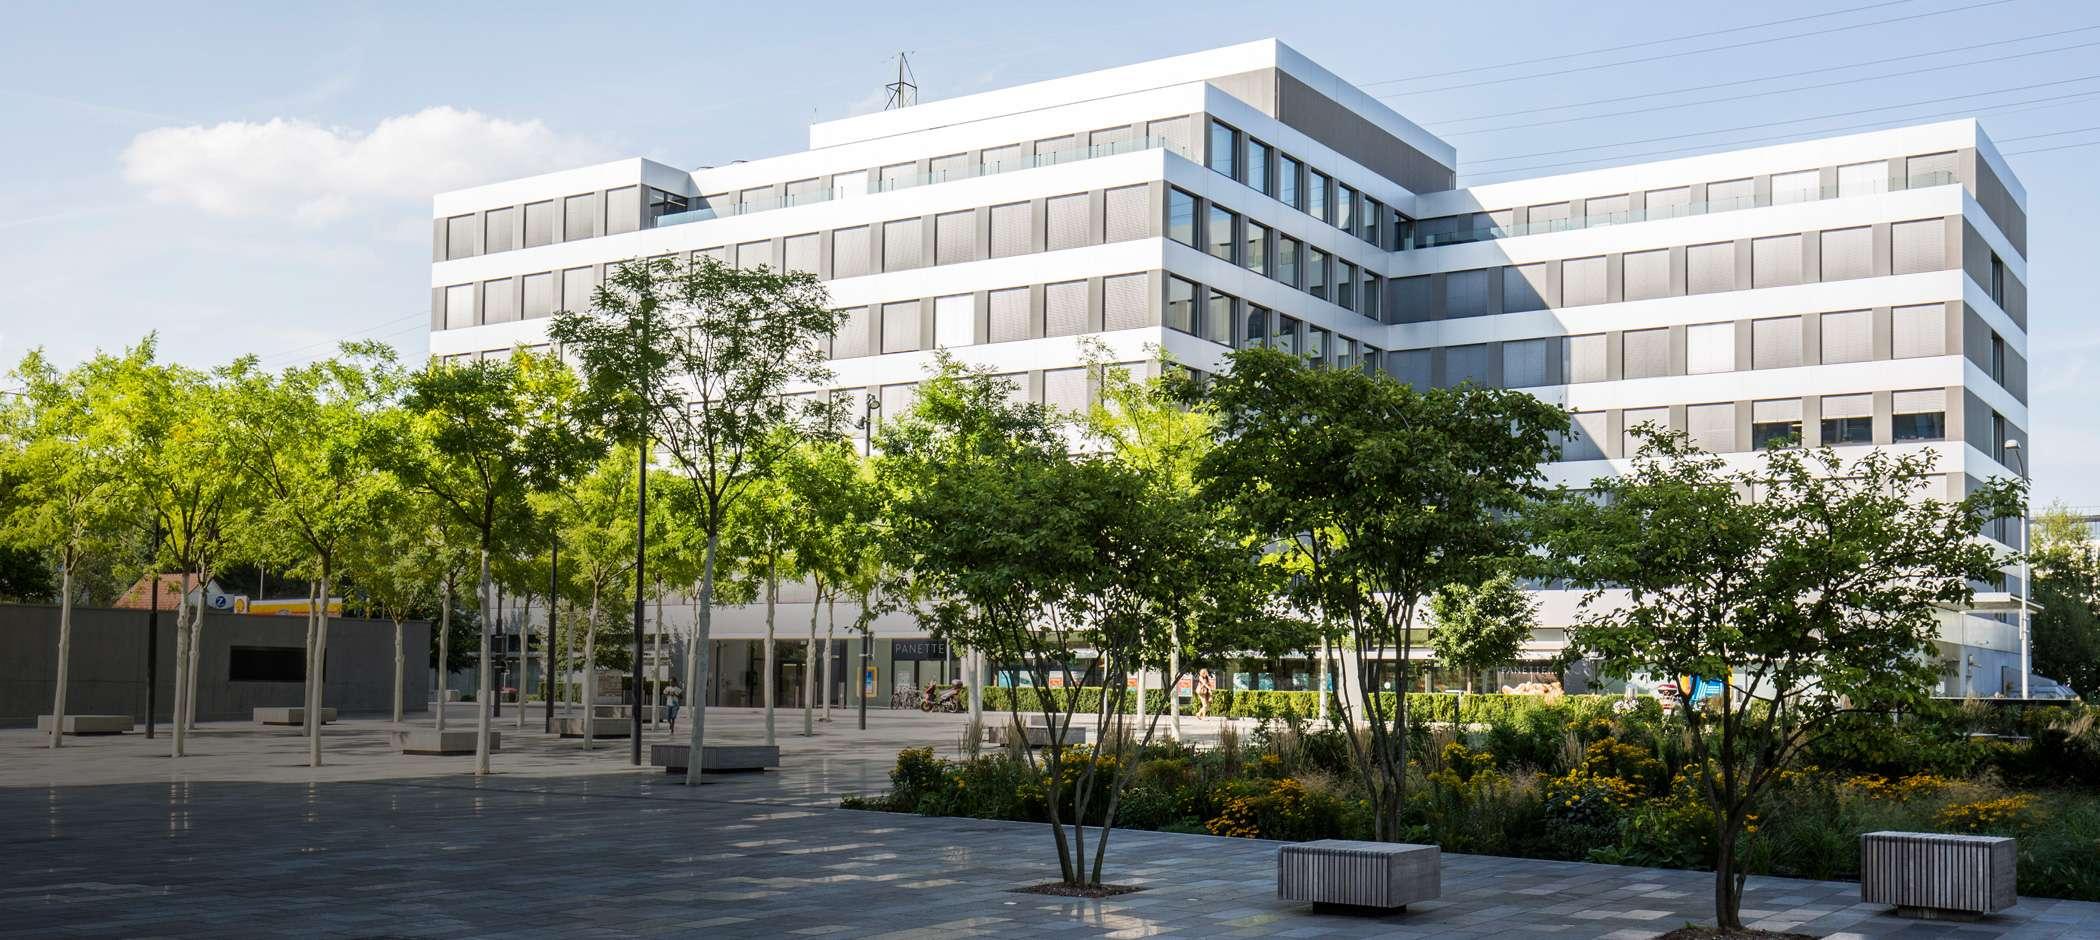 Zürich Oerlikon ZH, Conex